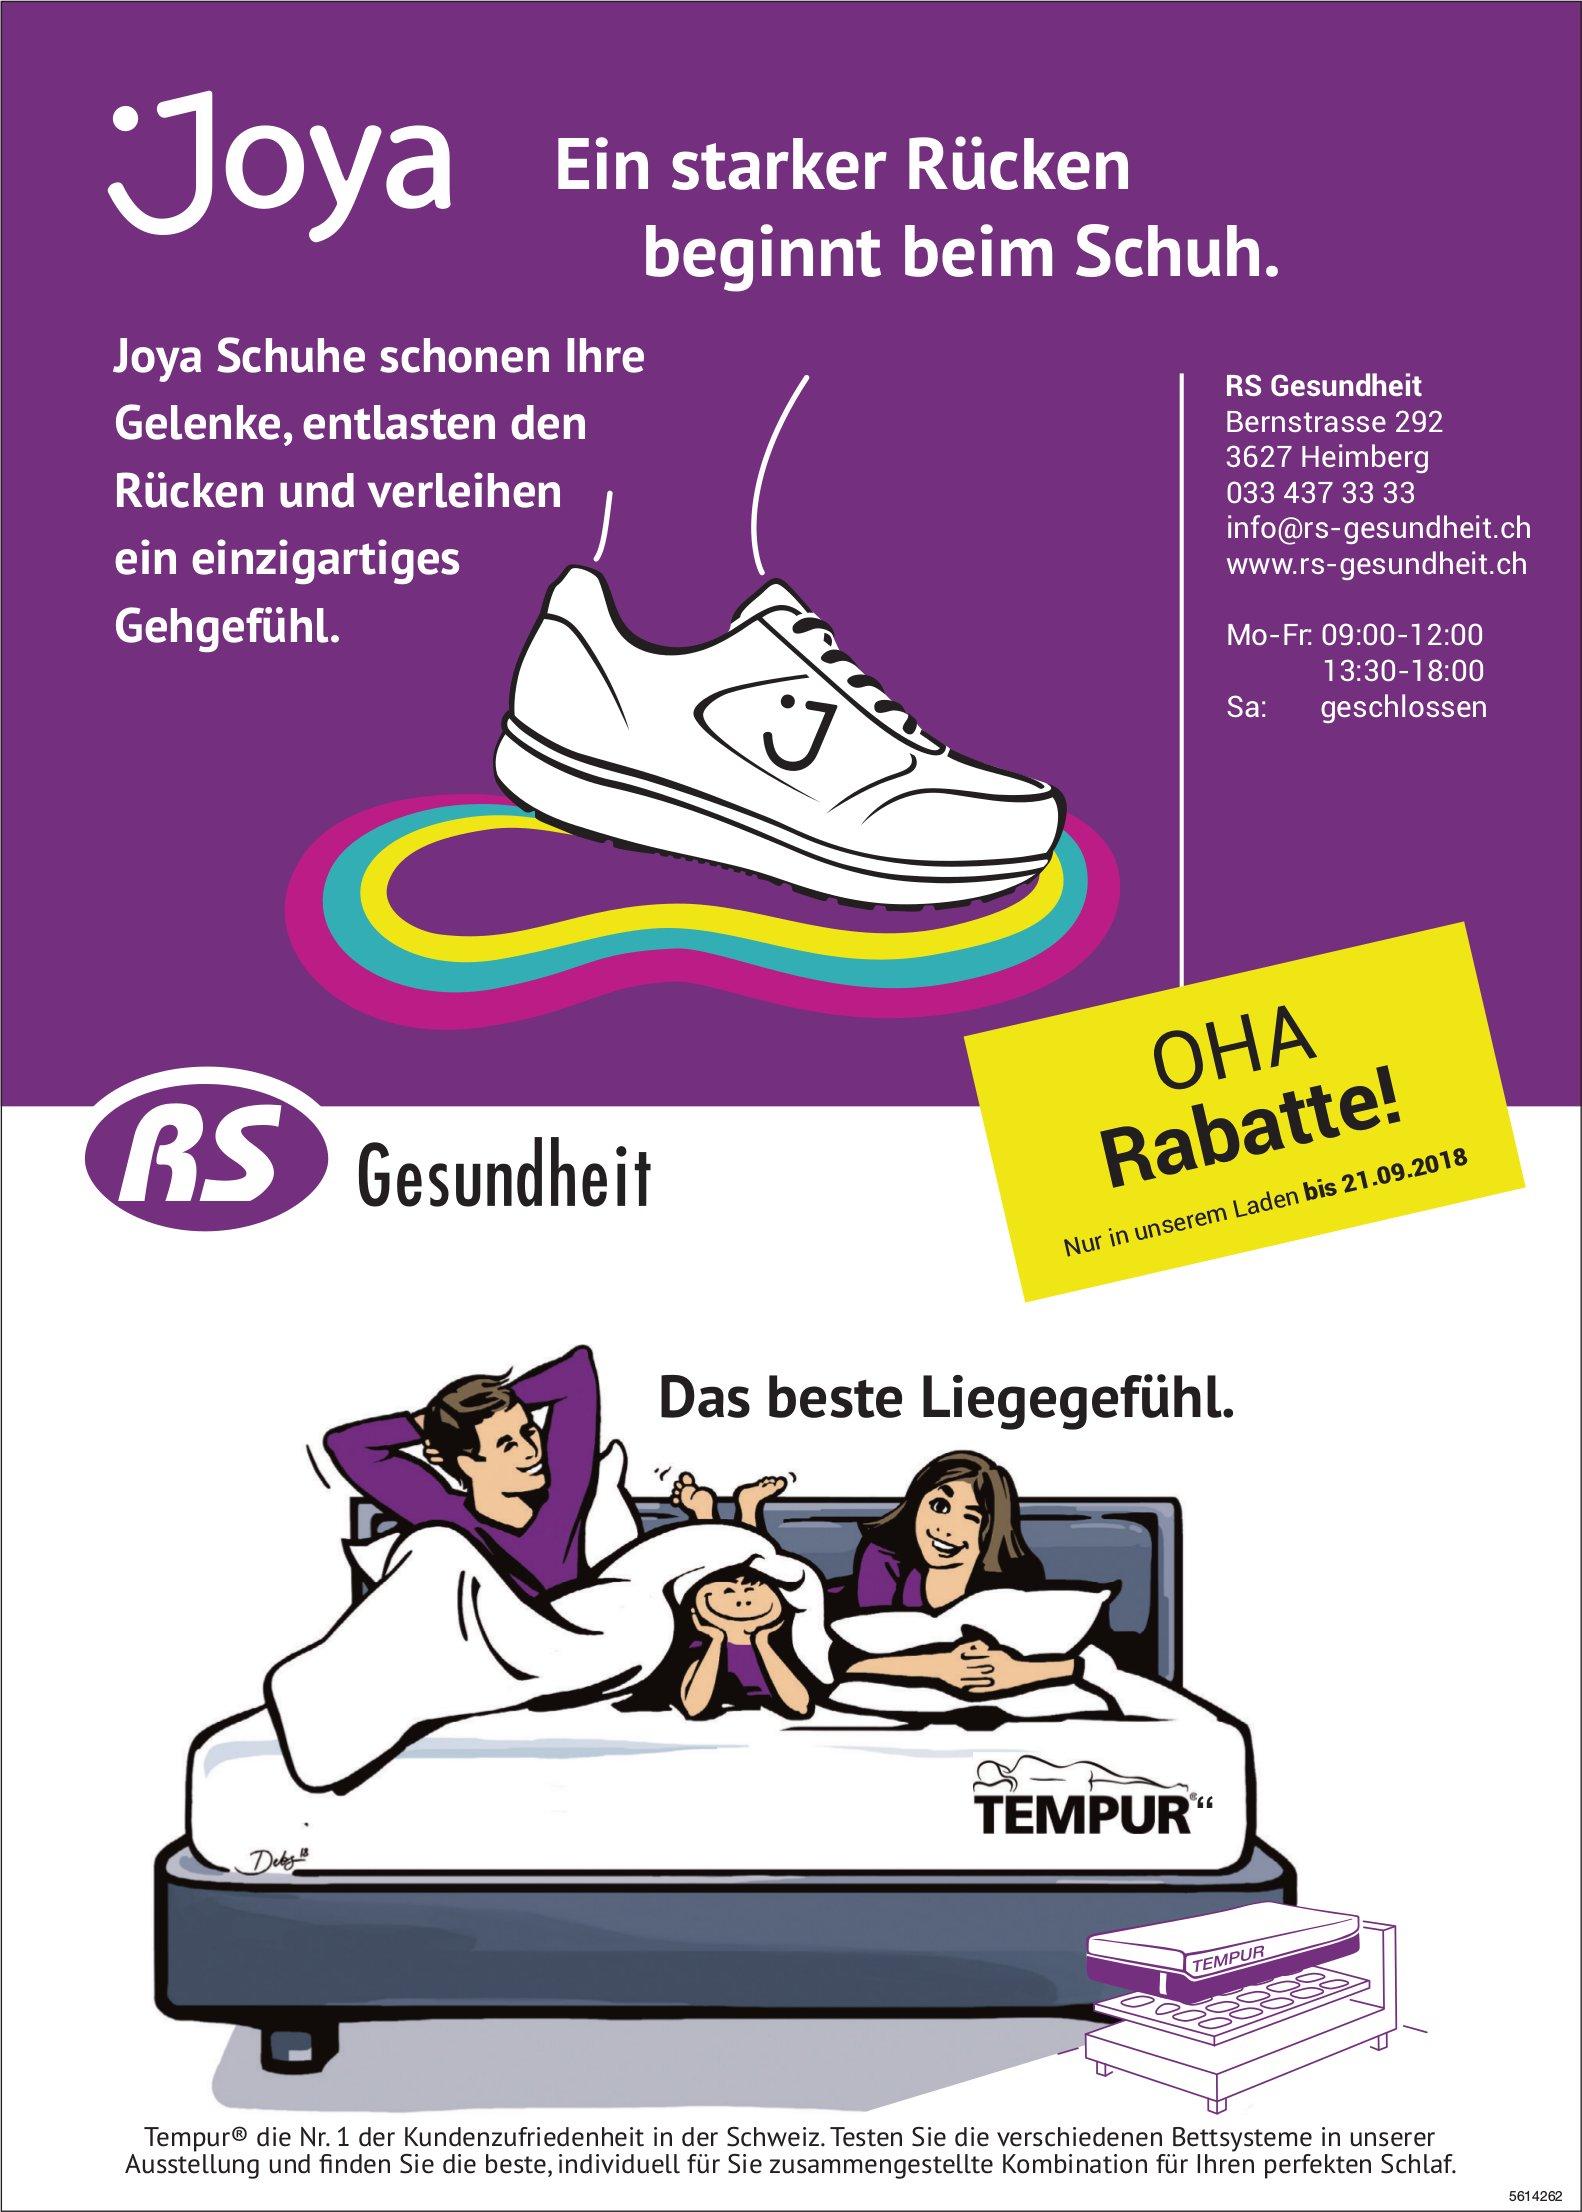 RS Gesundheit, Heimberg - Joya, ein starker Rücken beginnt beim Schuh.